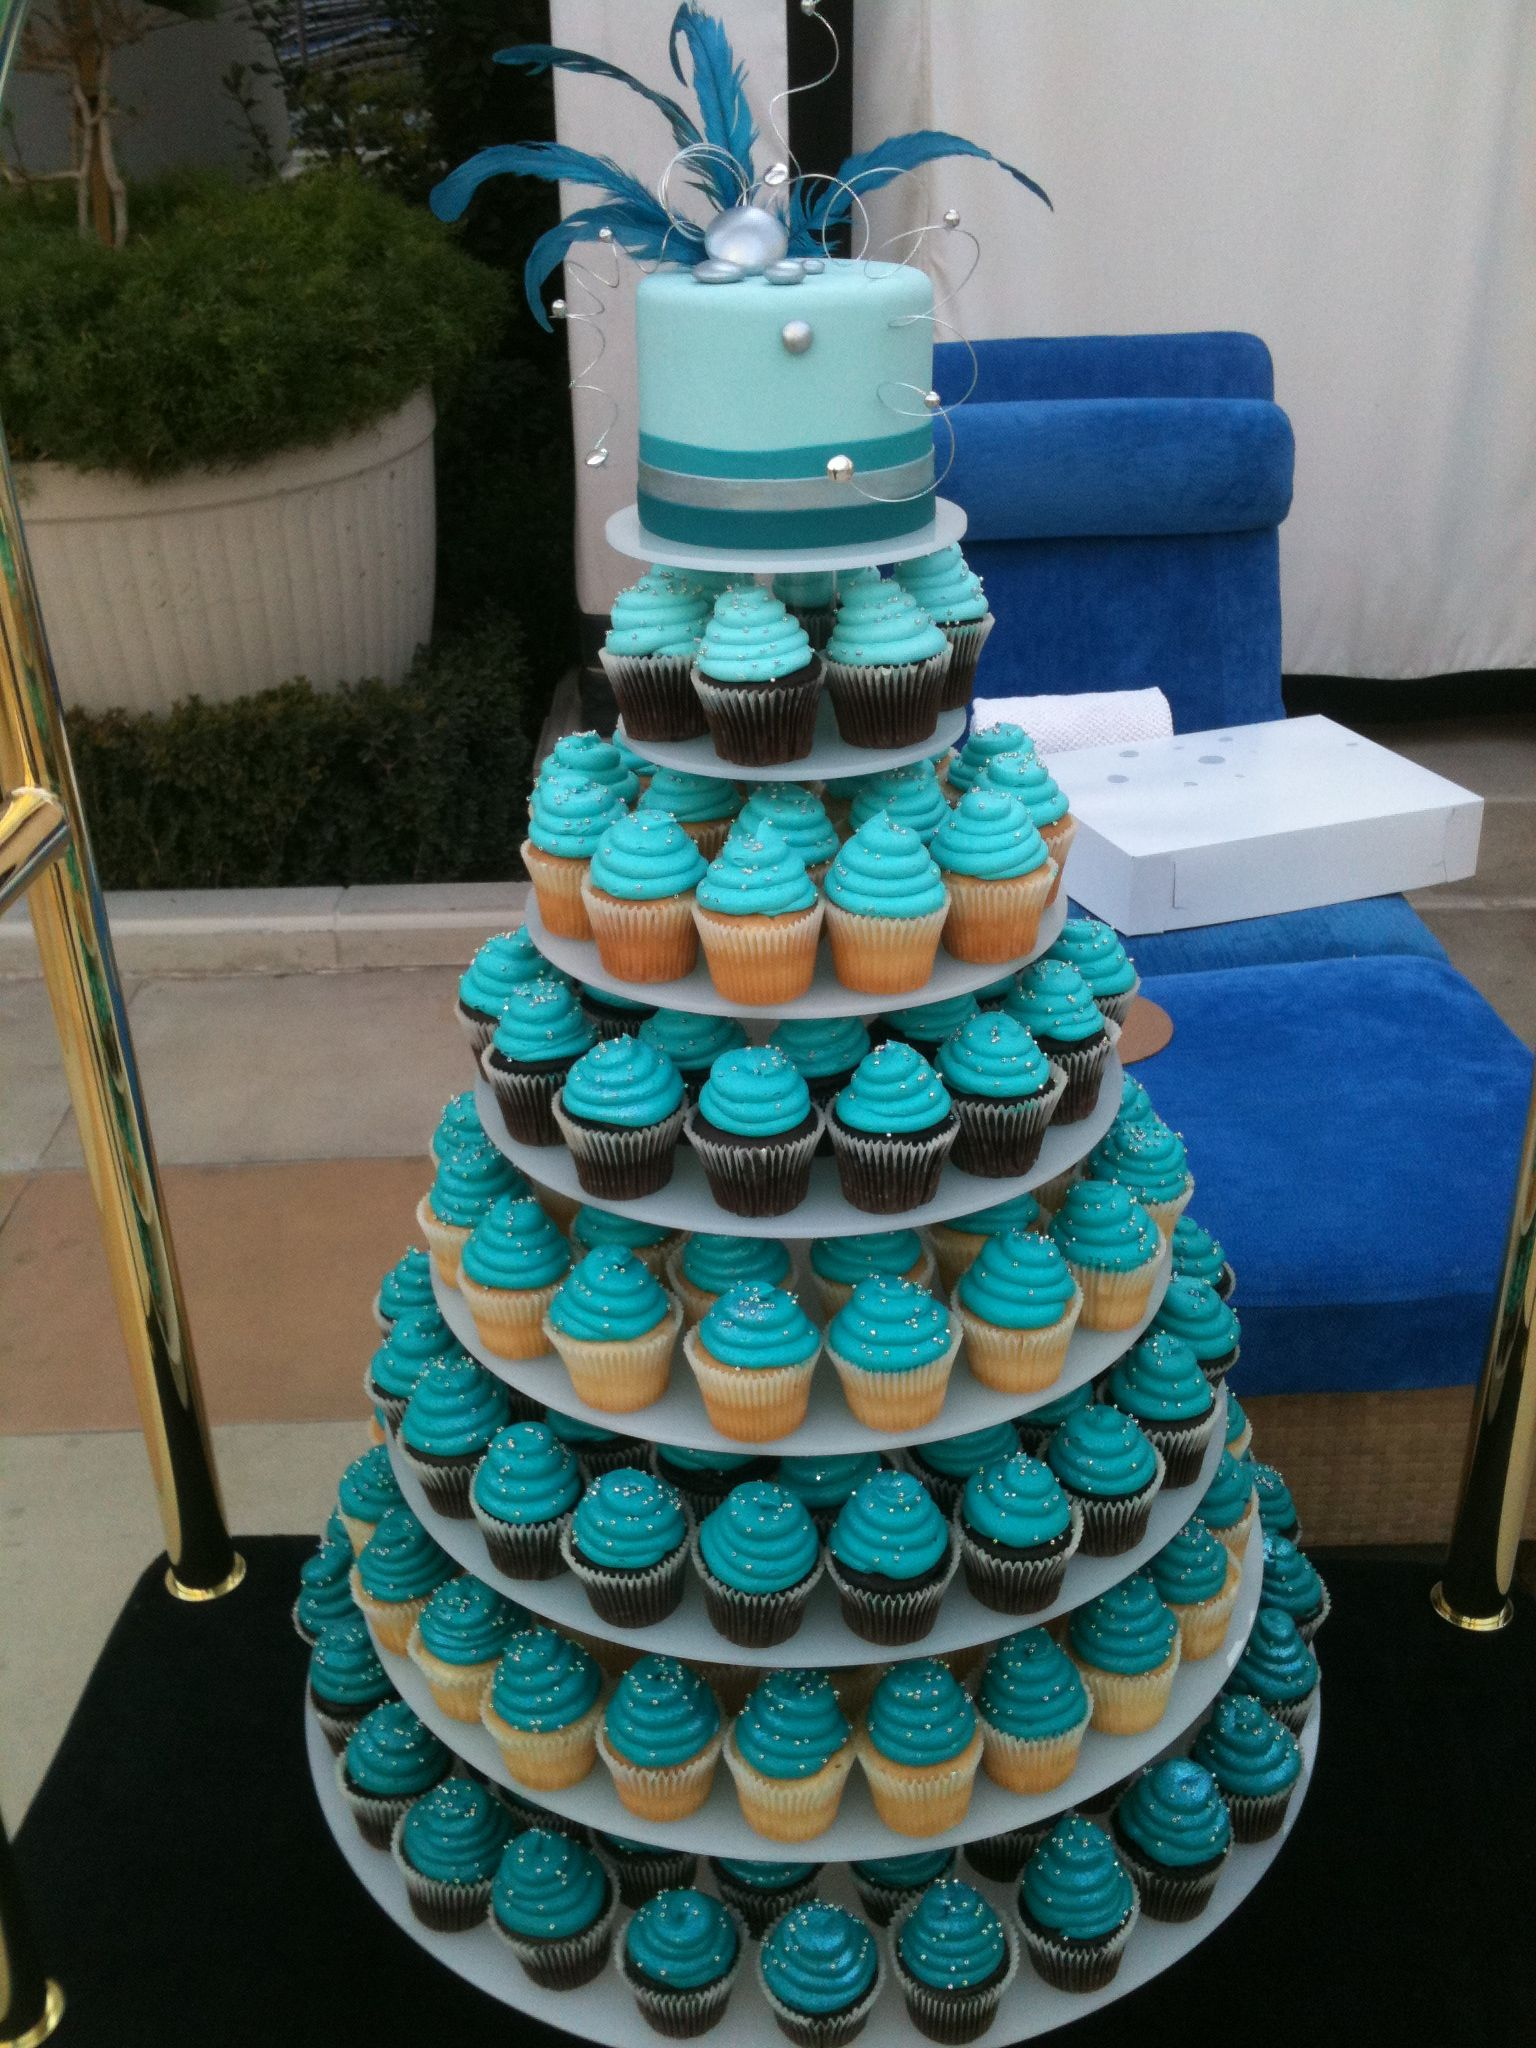 Cupcake Tower by Las Vegas Custom Cakes